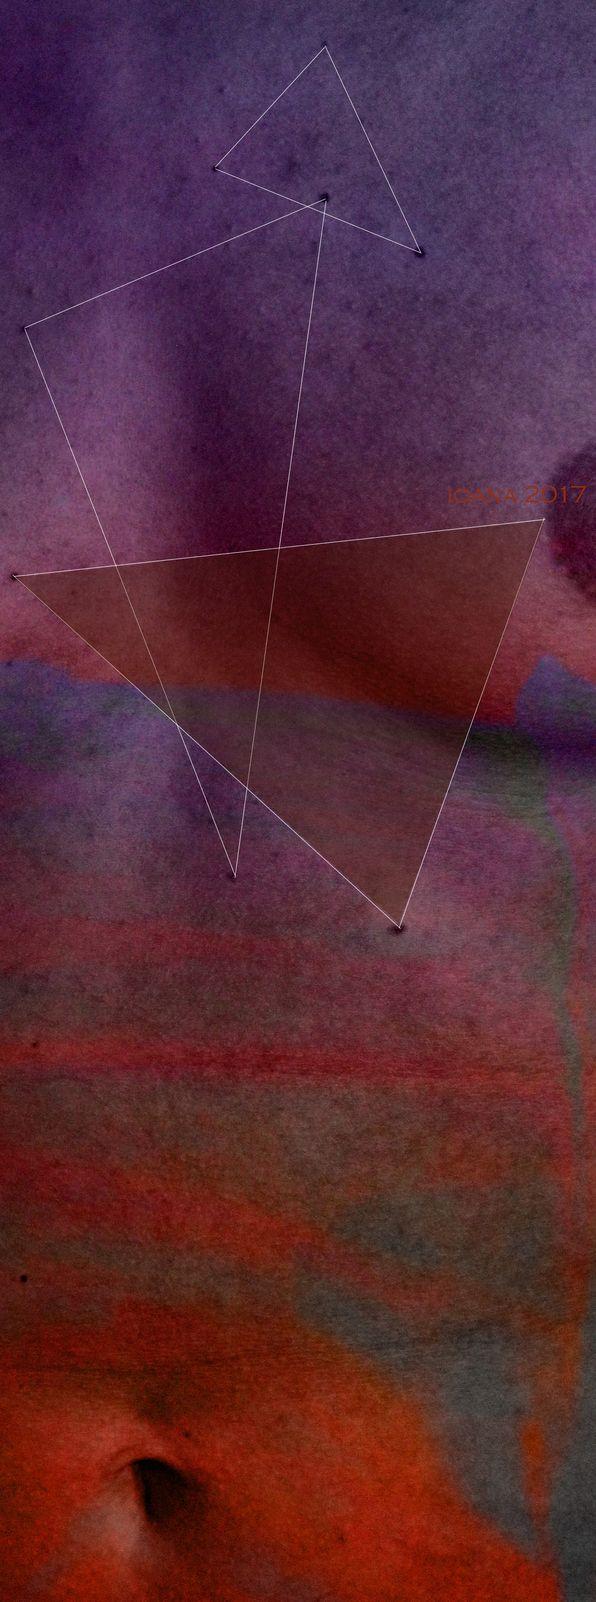 vertical 26 - Bosom Bodies - 2017 - 120 x 42 cm / 45 x 17 inches - digital sketch